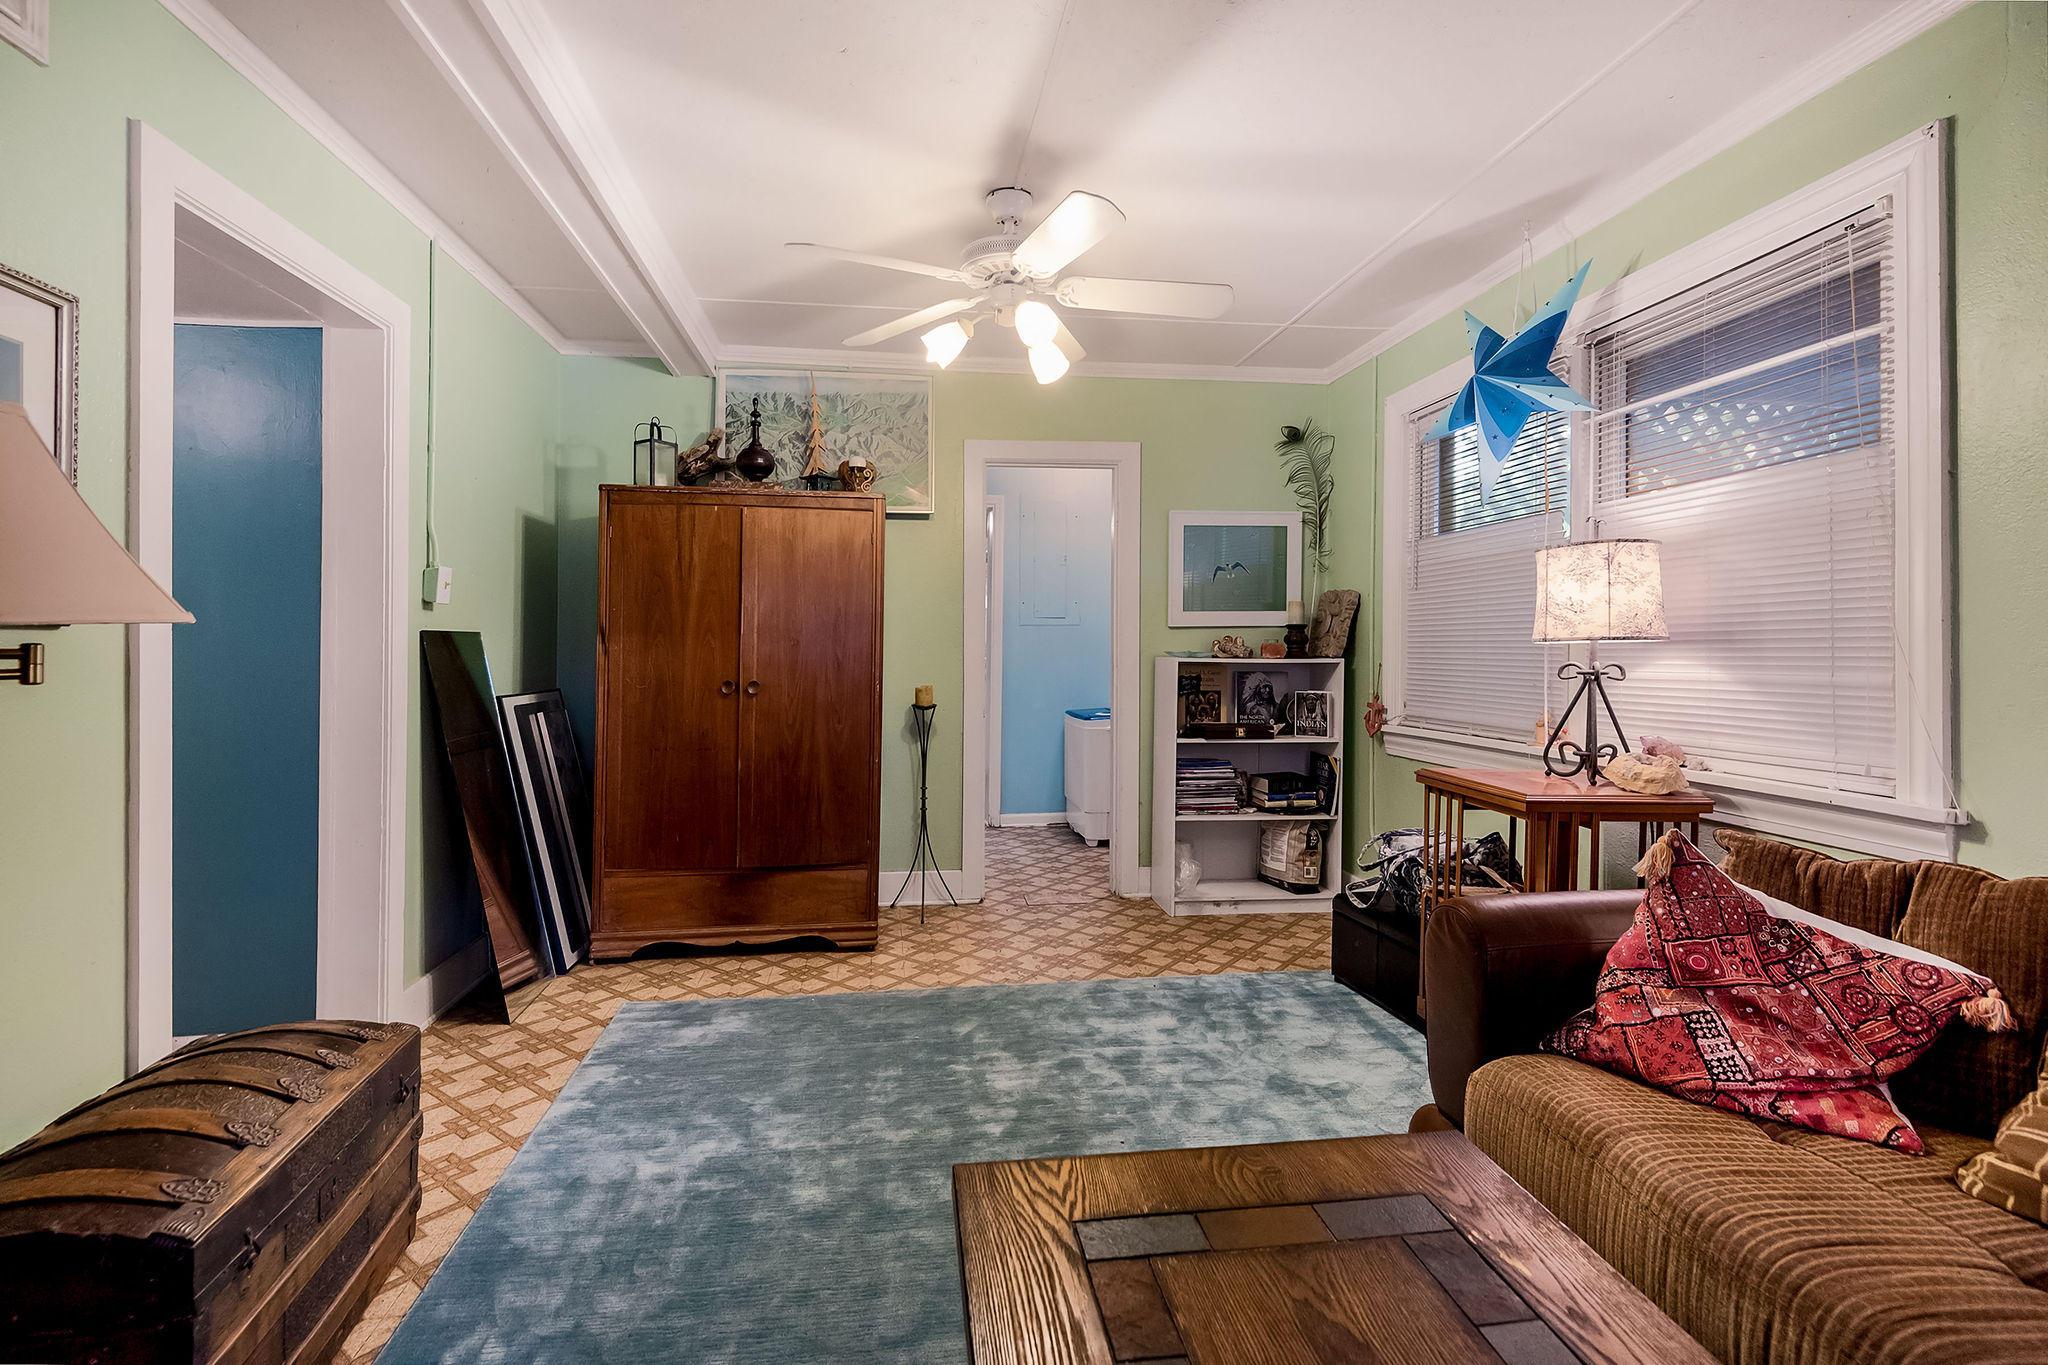 Folly Beach Homes For Sale - 504 Ashley, Folly Beach, SC - 16